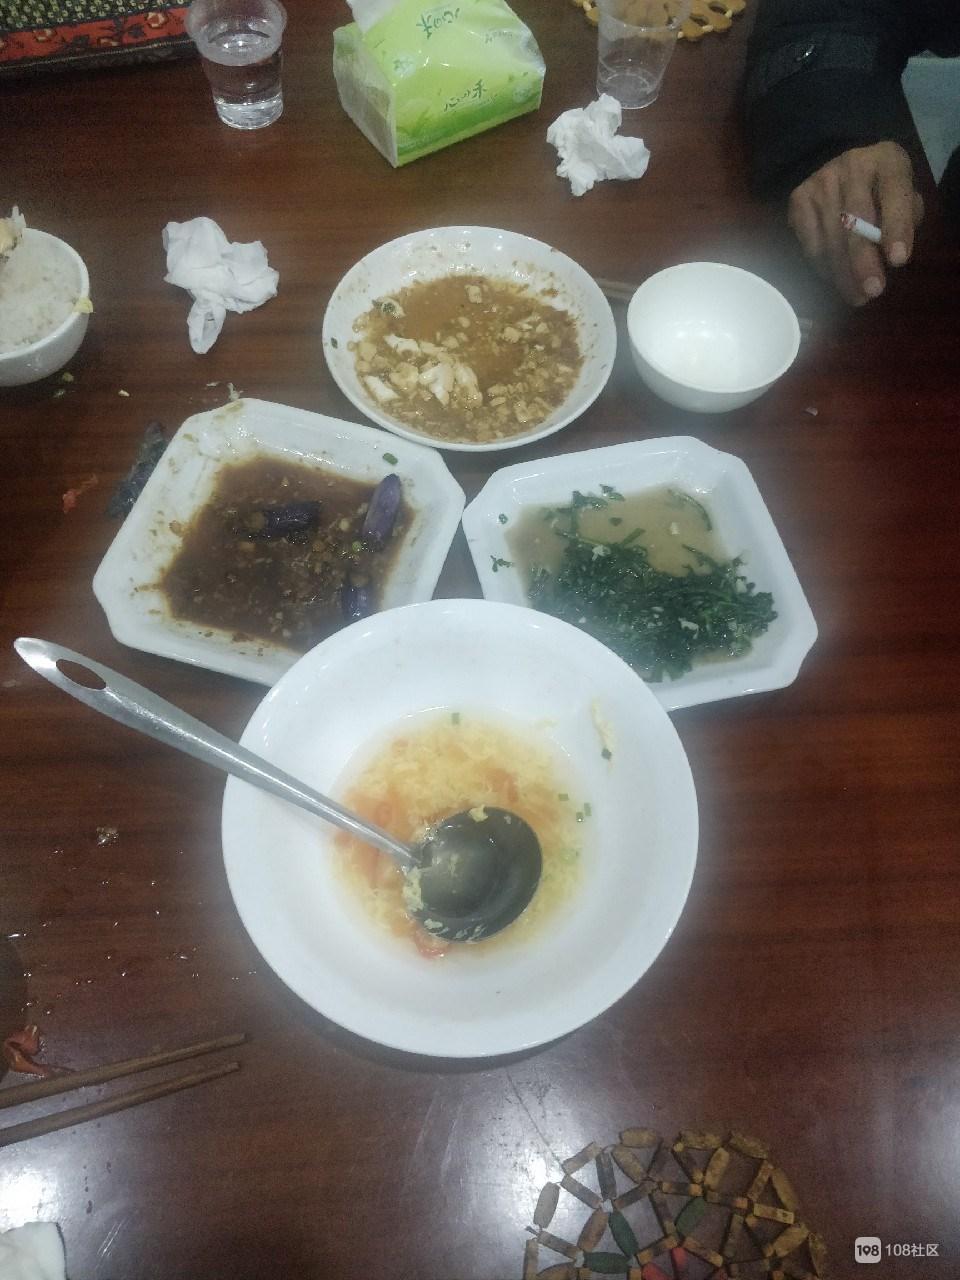 东门点了几盘素菜,社友惊呼太贵!光1盘豆腐就15了